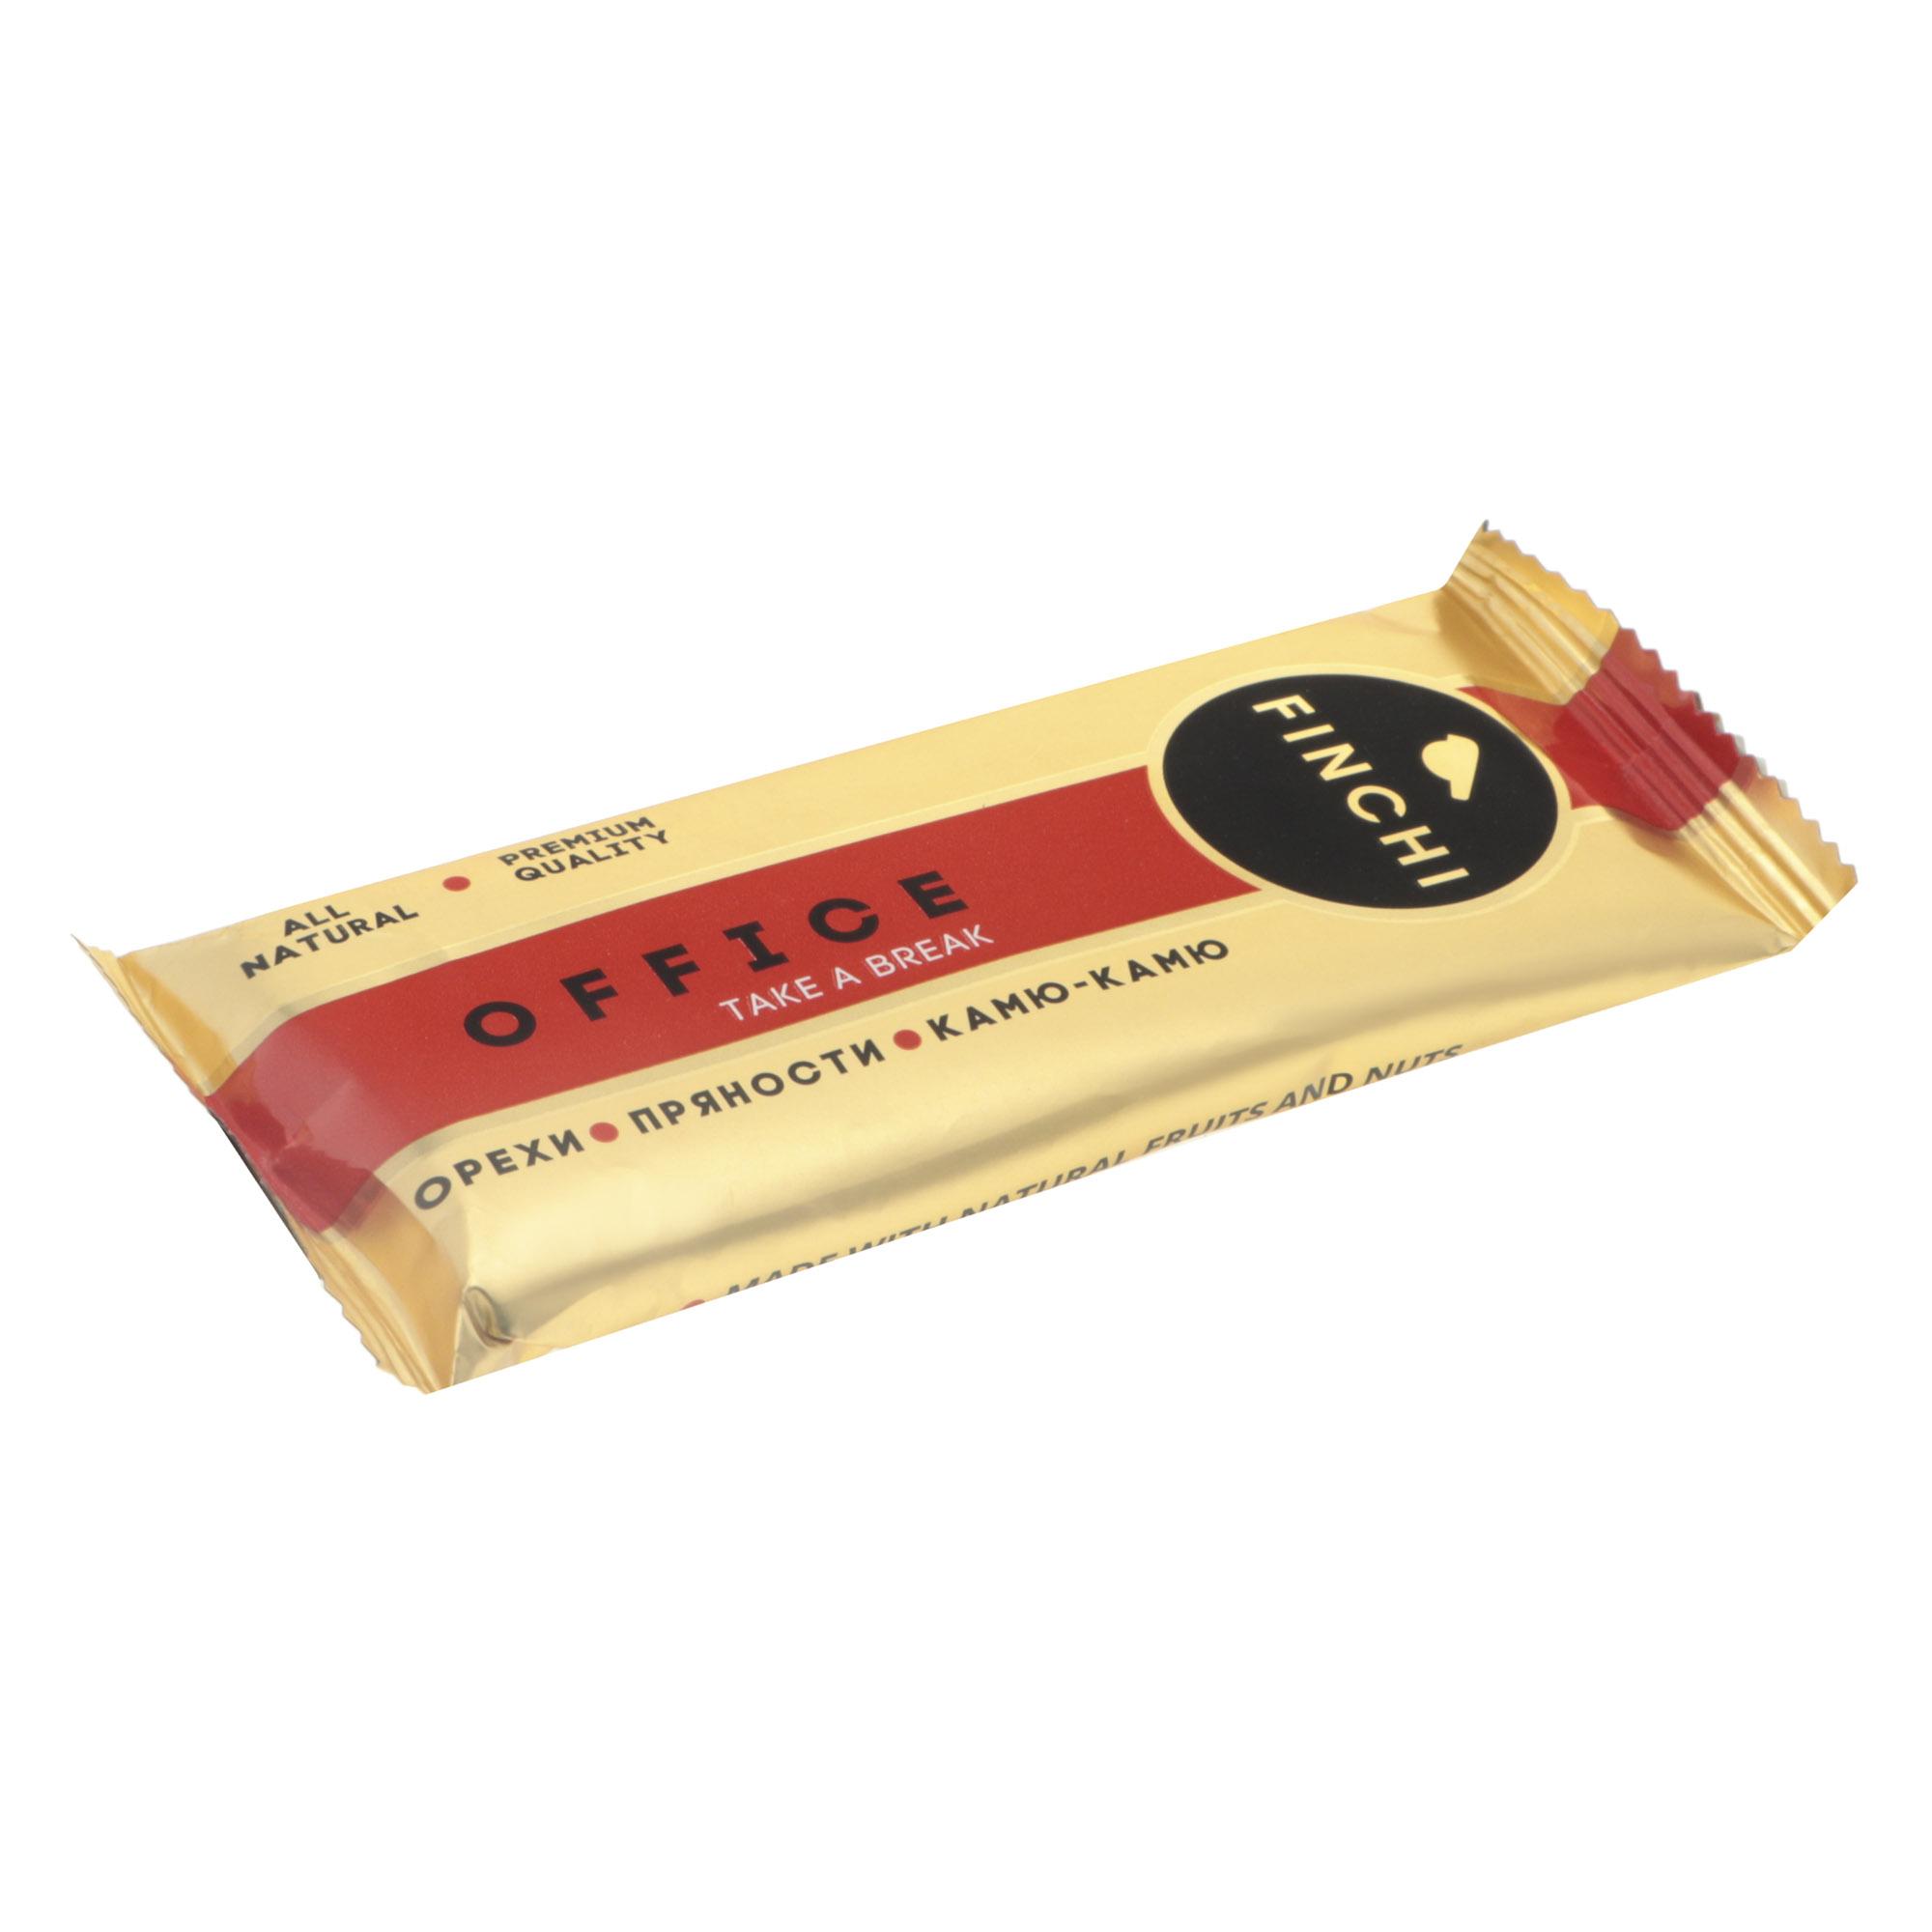 Батончик Finchi Office орехи, пряности, камю-камю, 47 г батончик finchi tonus какао клюква гуарана 47 г